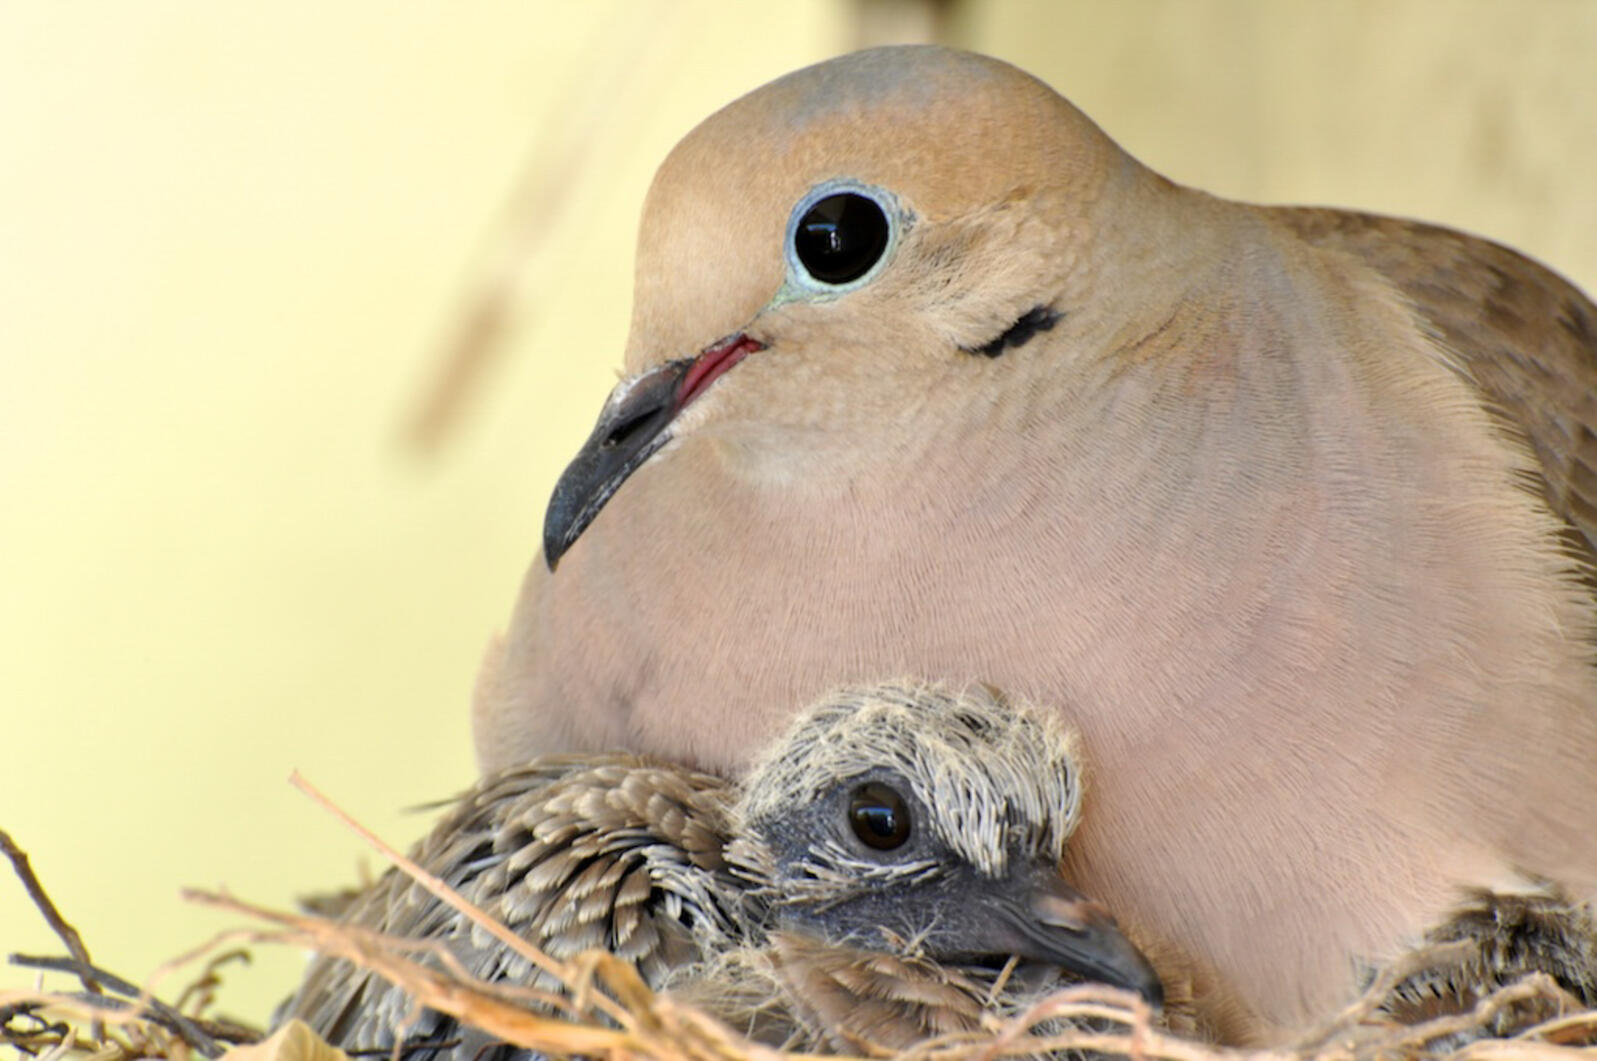 Mourning Dove with chick. Photo: Douglas Croft/Audubon Photography Awards.